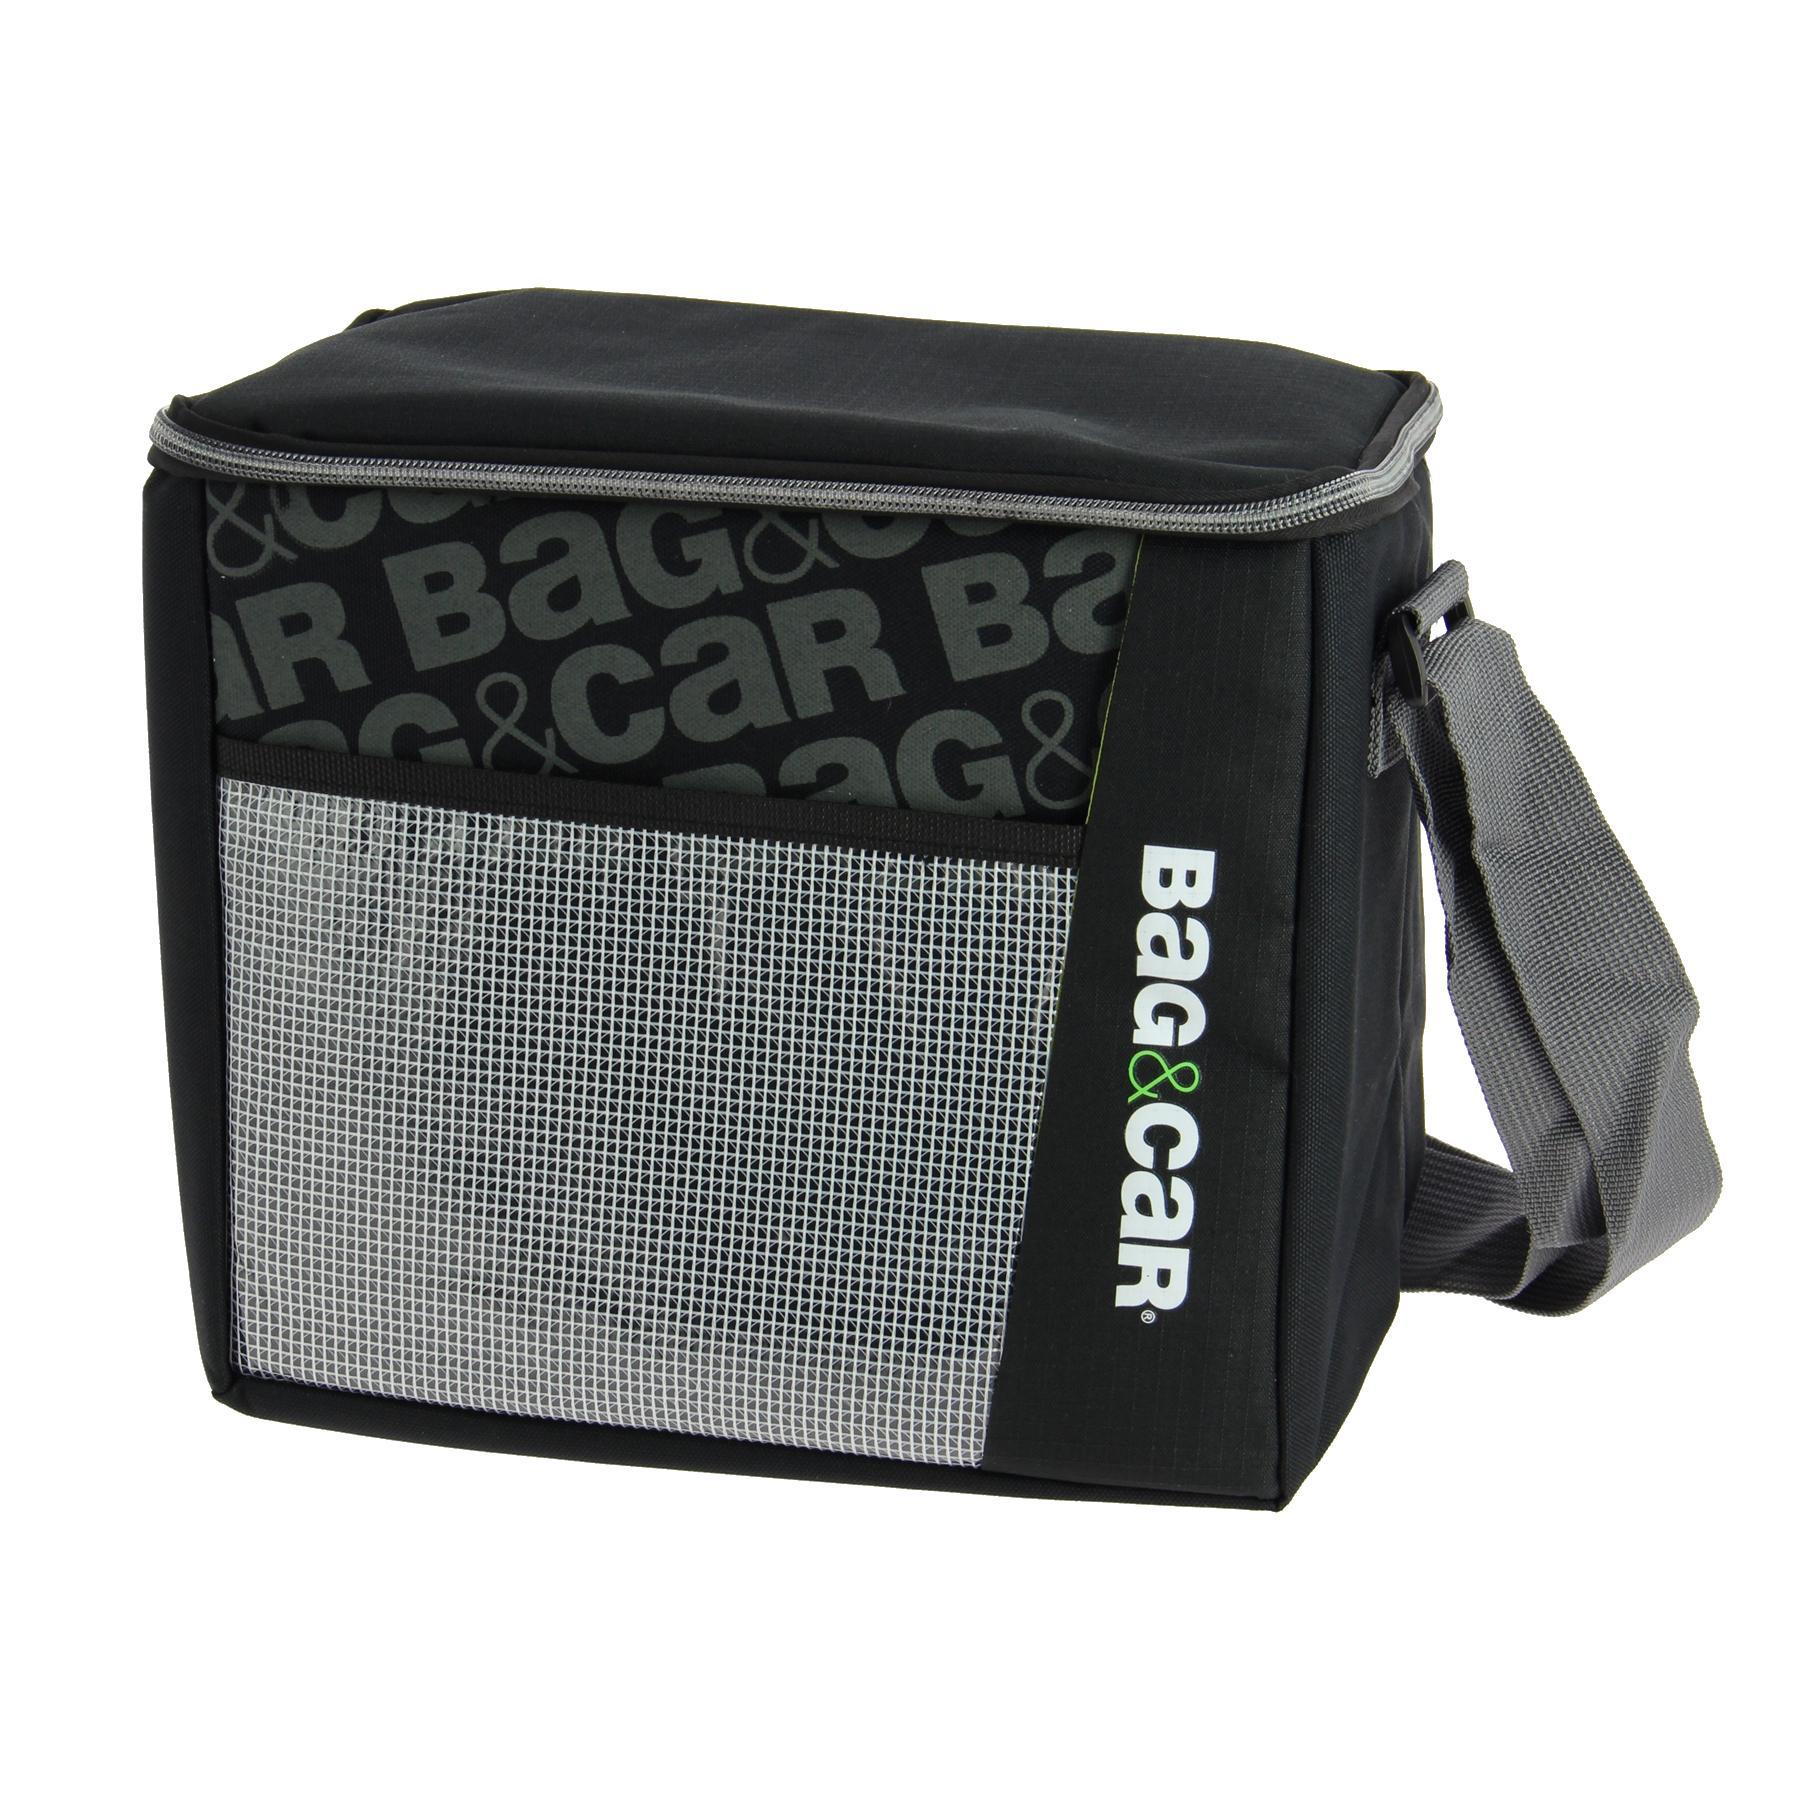 Cooler bag 168002 BAG&CAR 168002 original quality